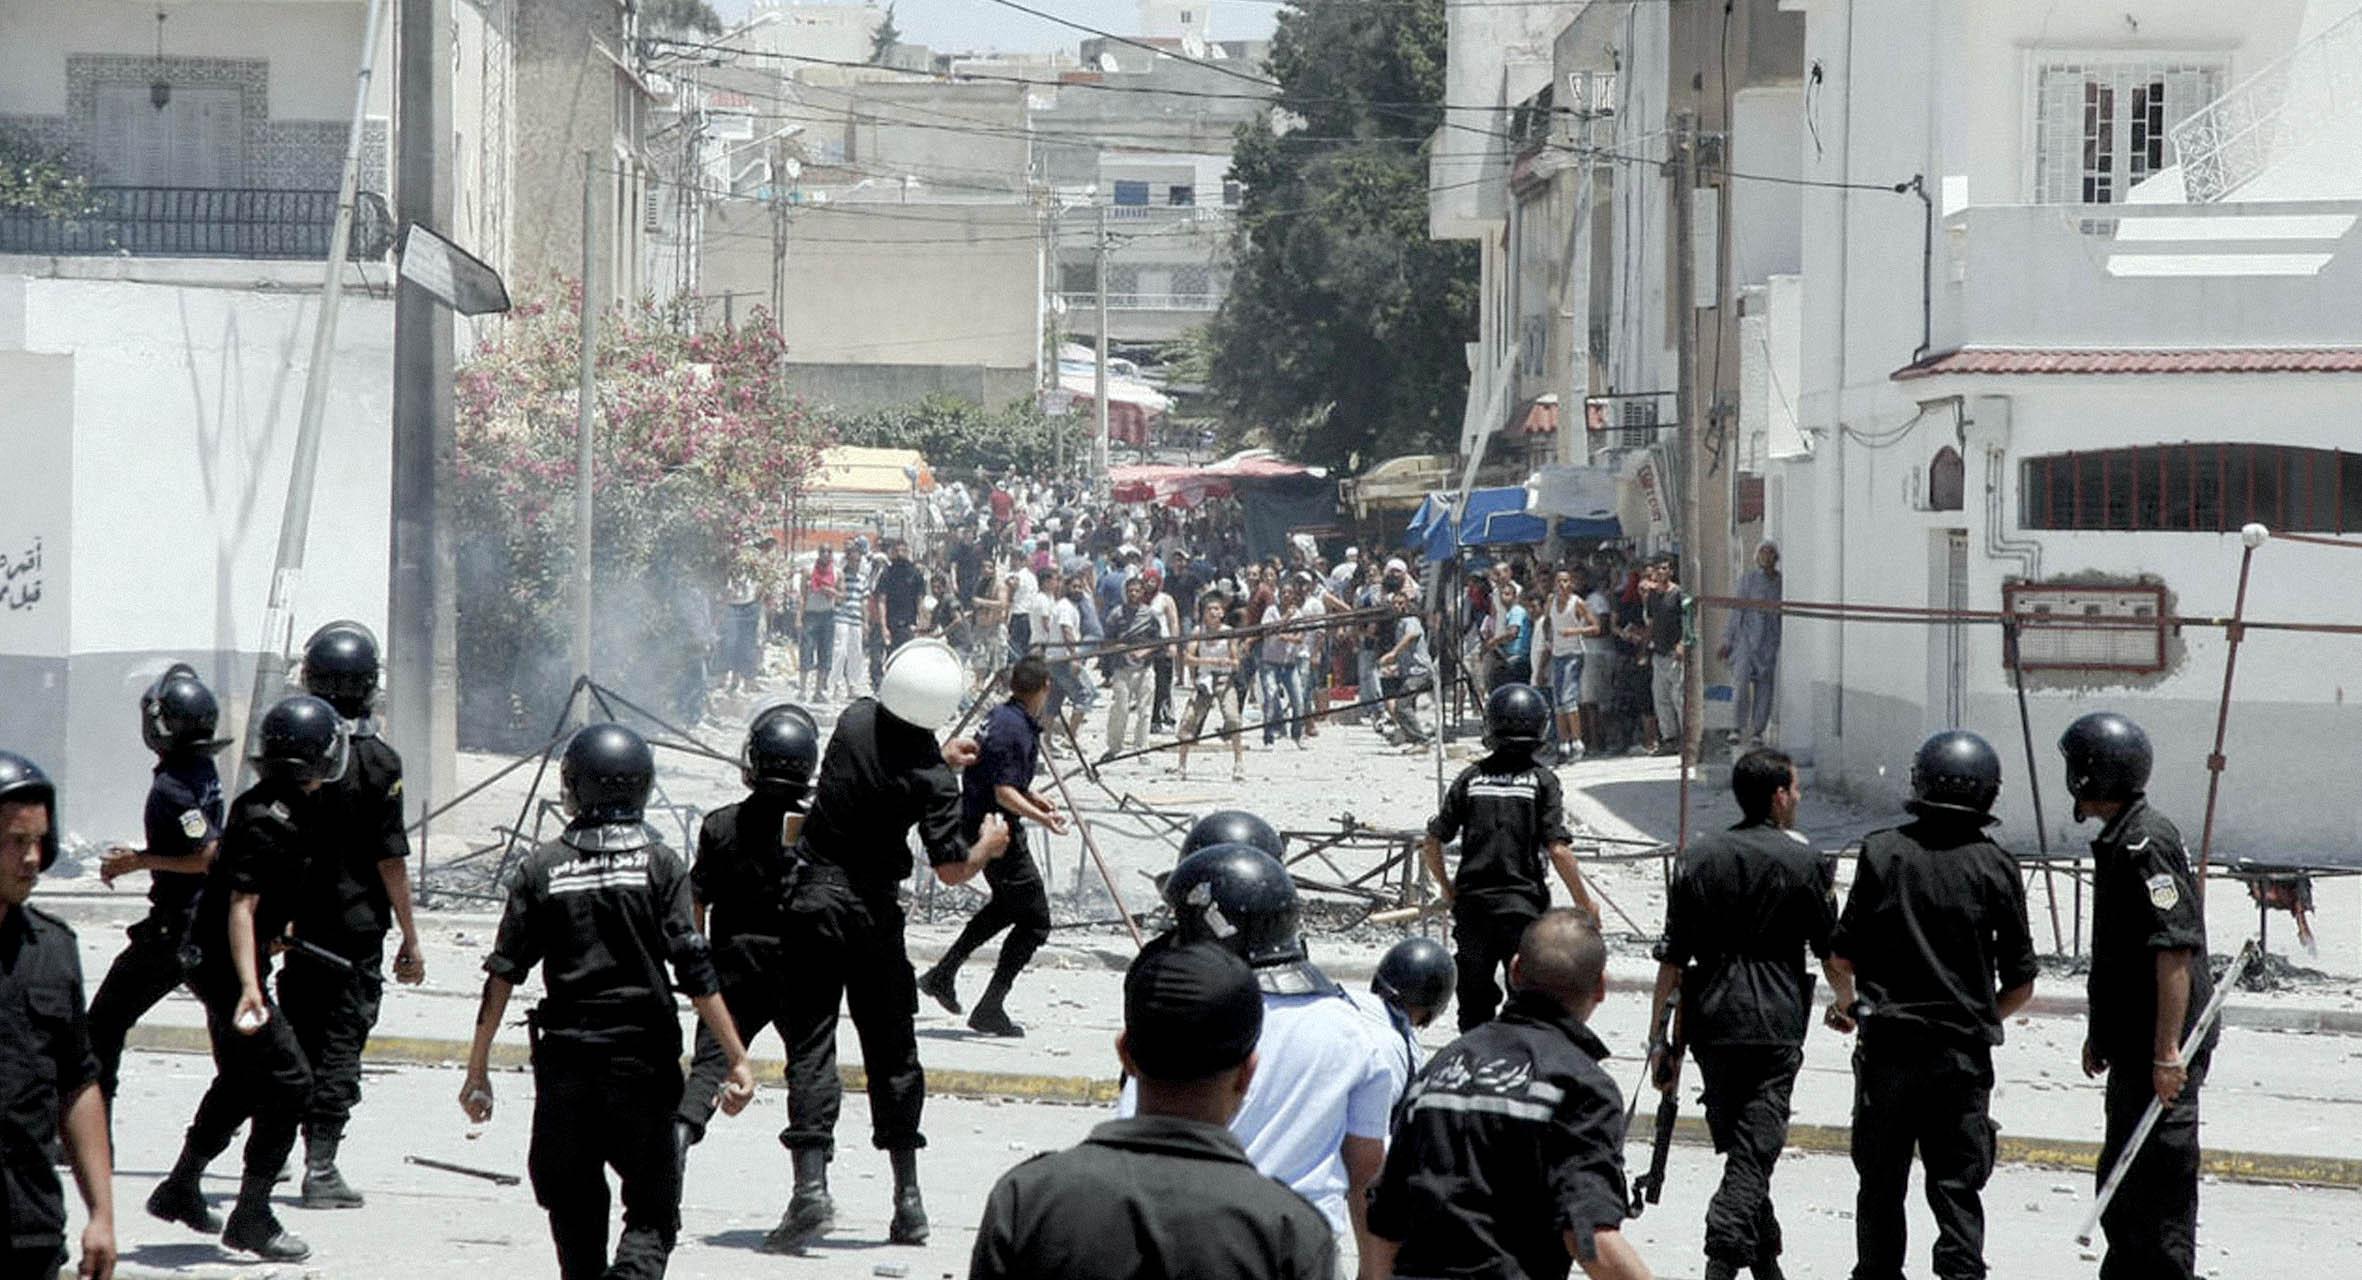 صورة احتجاجات تونس: السلطات تحرص على إزالة أي سوء فهم بأن البلد أصبح ديمقراطياً